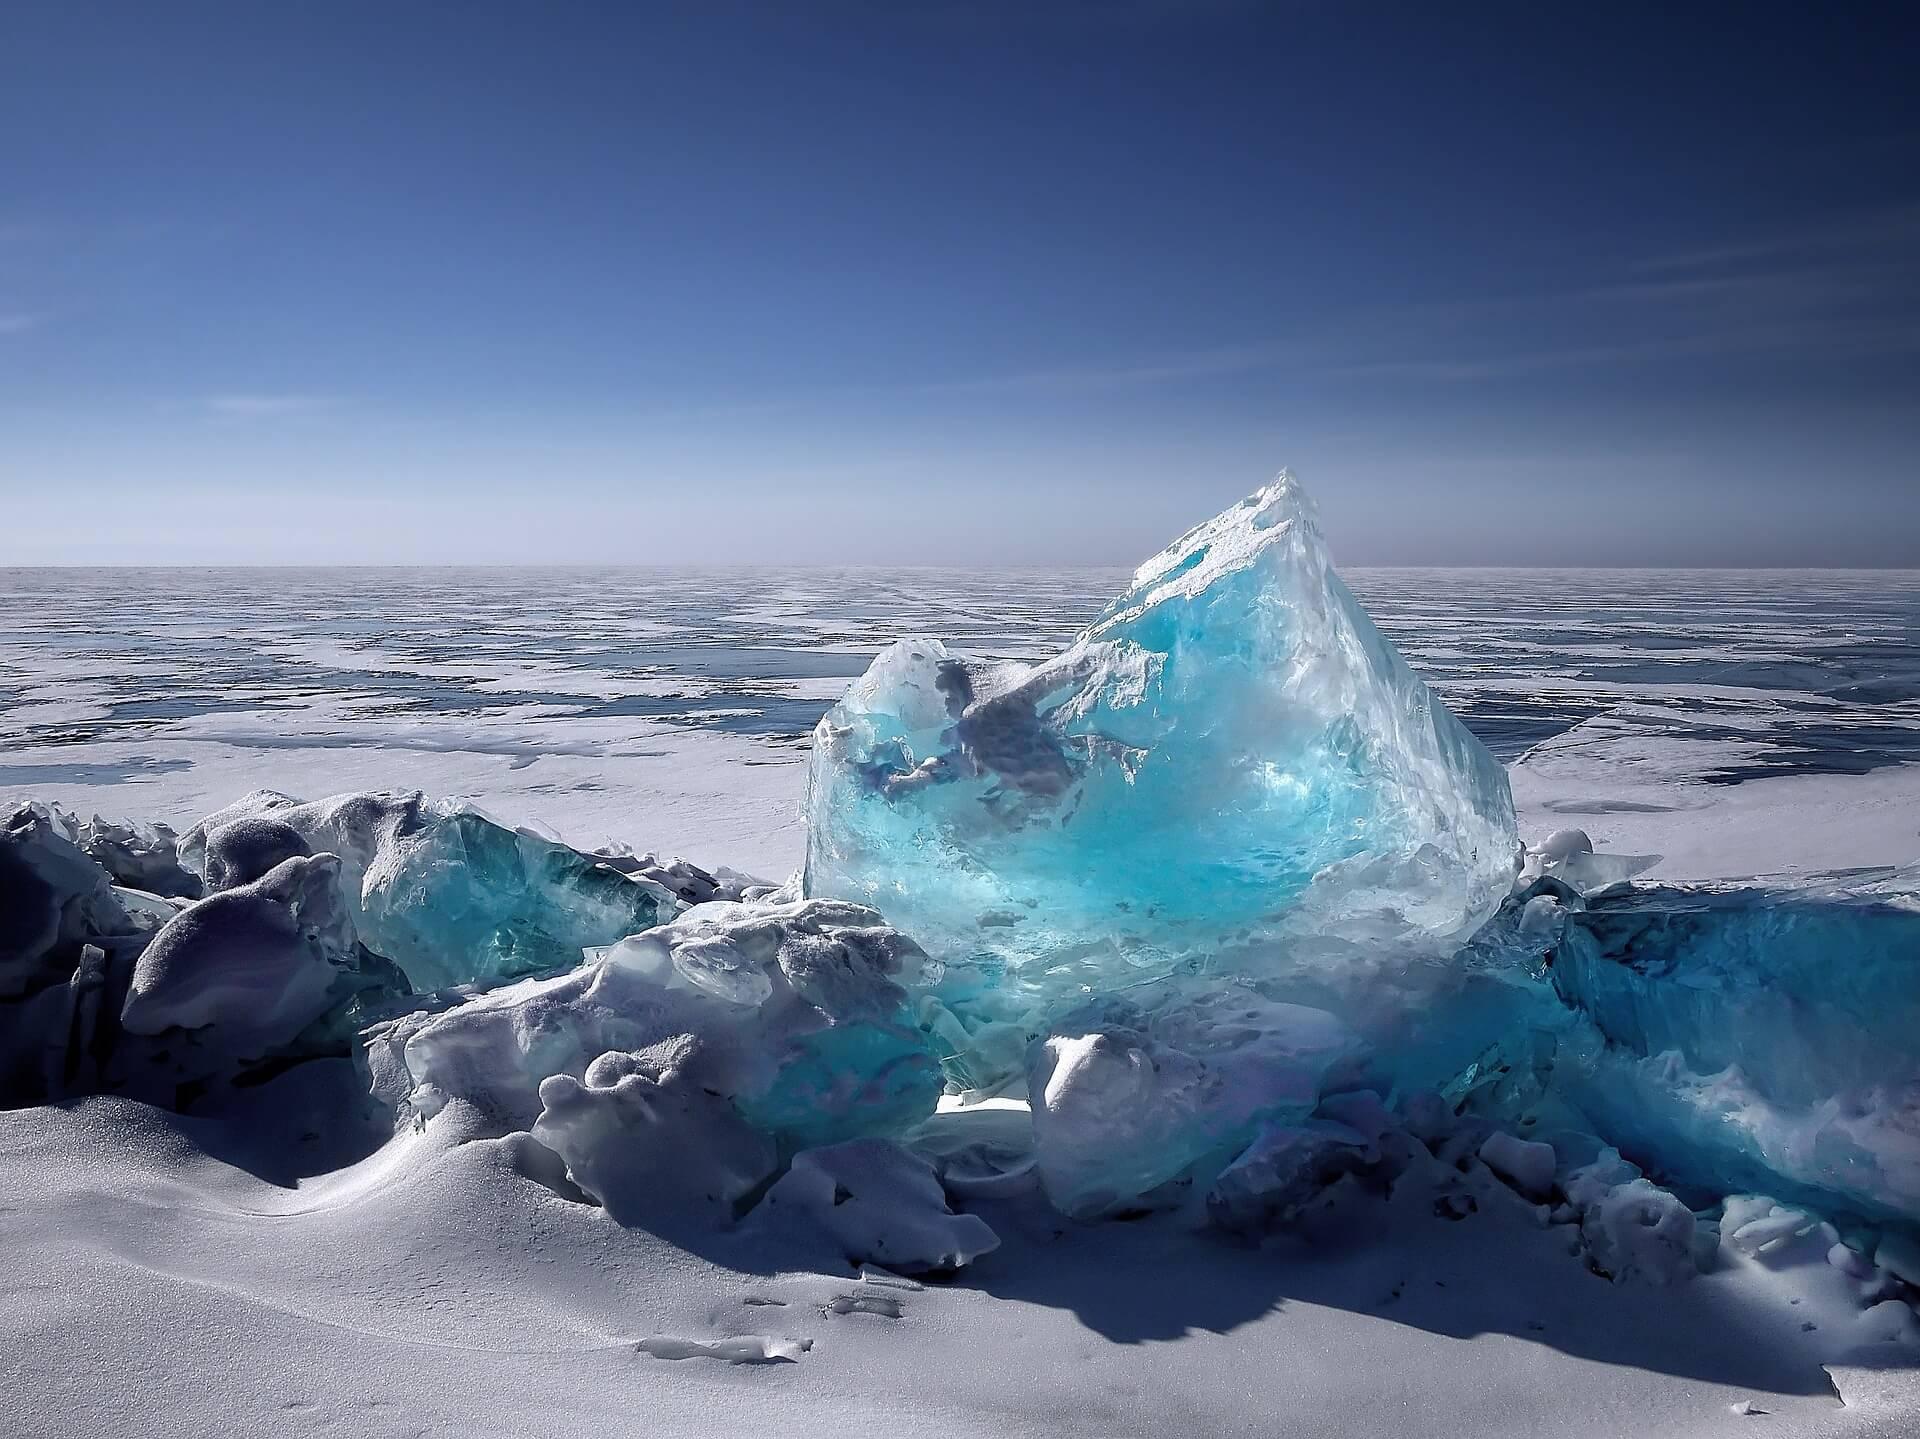 ナレッジ共有で意識をしておきたいポイント 〜 氷山のメタファから